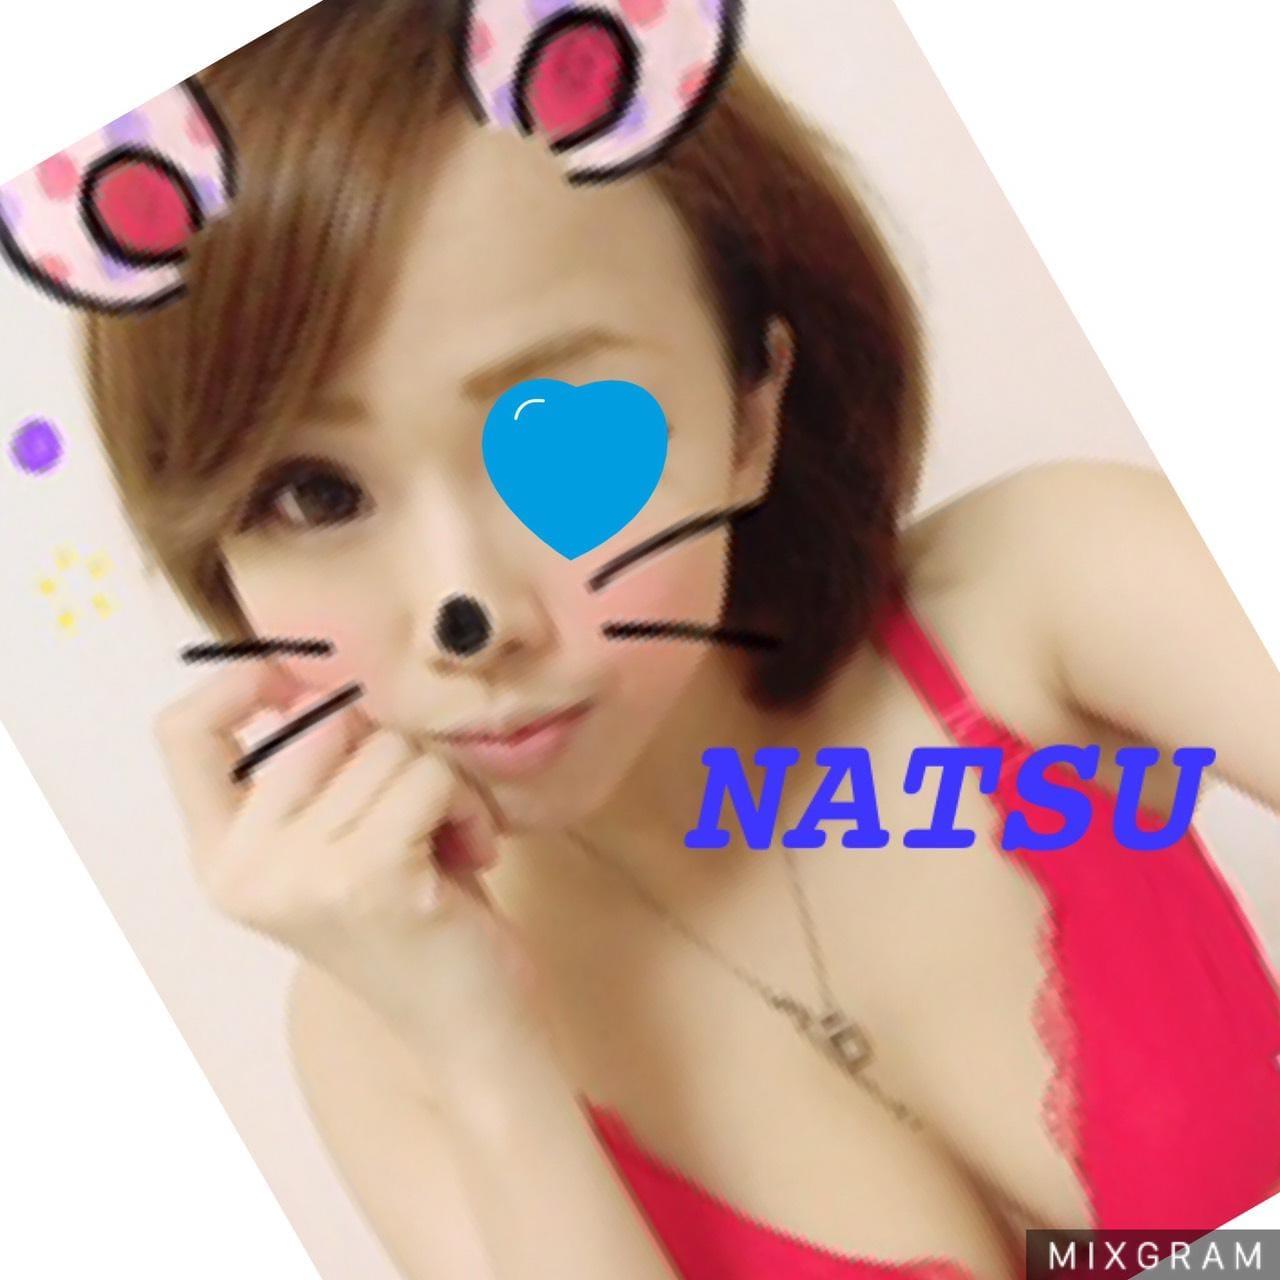 「おはん♡」11/13(11/13) 19:24 | ナツの写メ・風俗動画